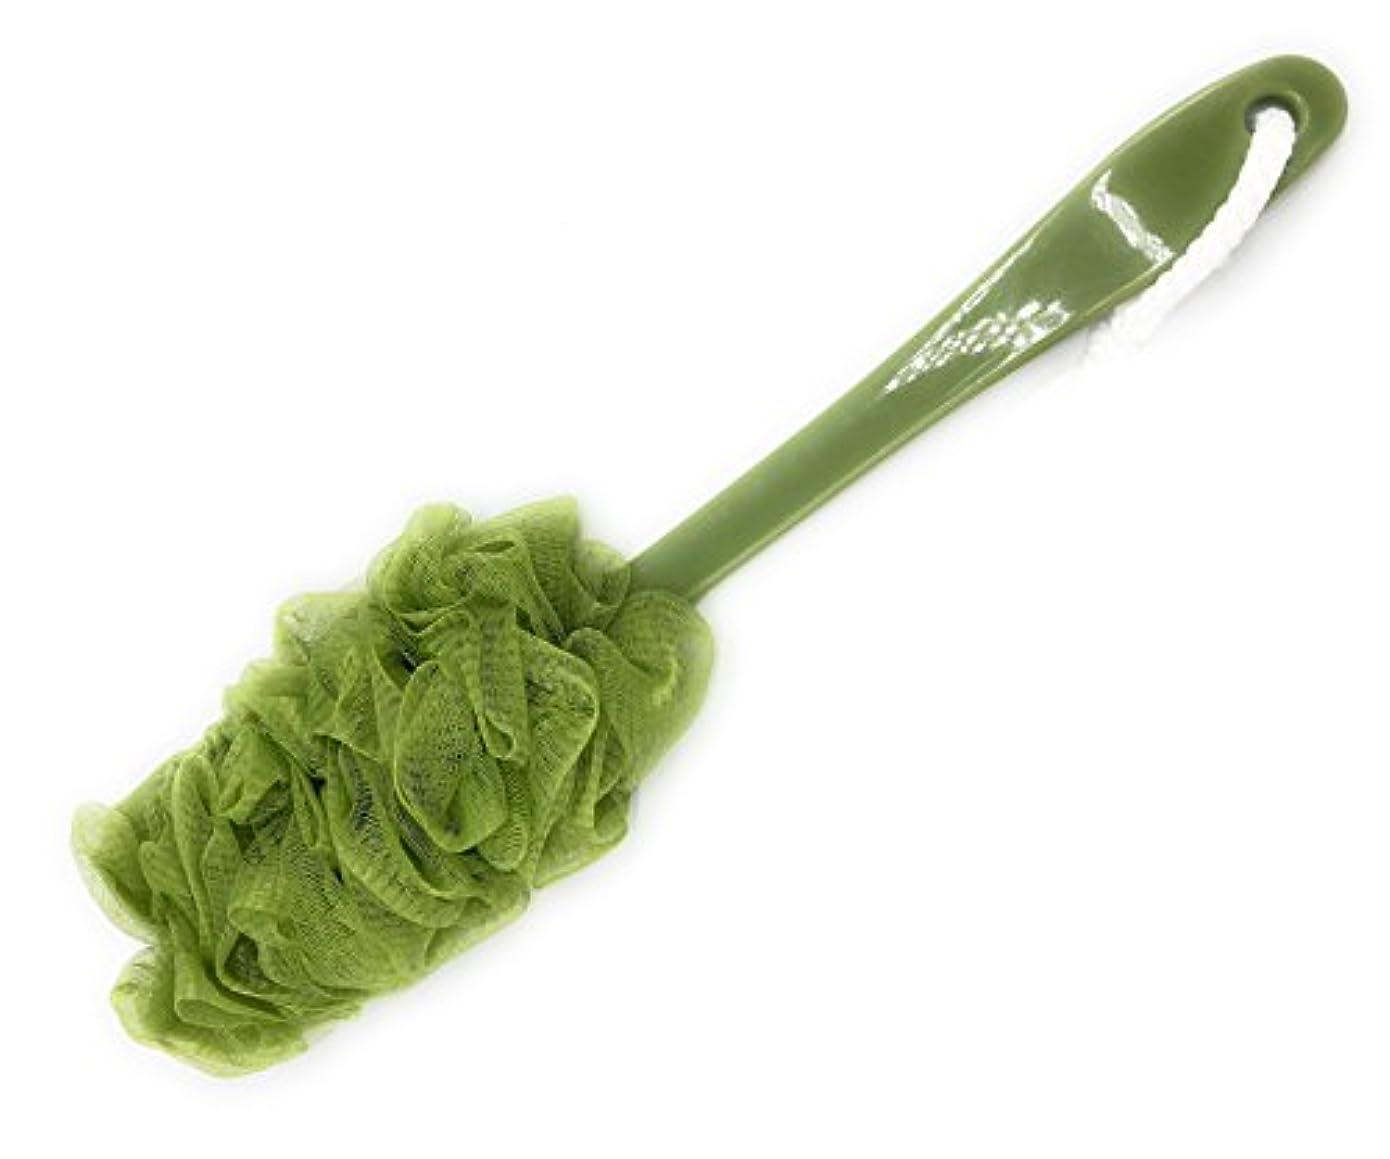 誰の熱意調和Maltose ボディブラシ ロング 長柄 柔らかい 背中ブラシ 体洗いブラシ スポンジ 濃密泡ブラシ 4色 (緑)